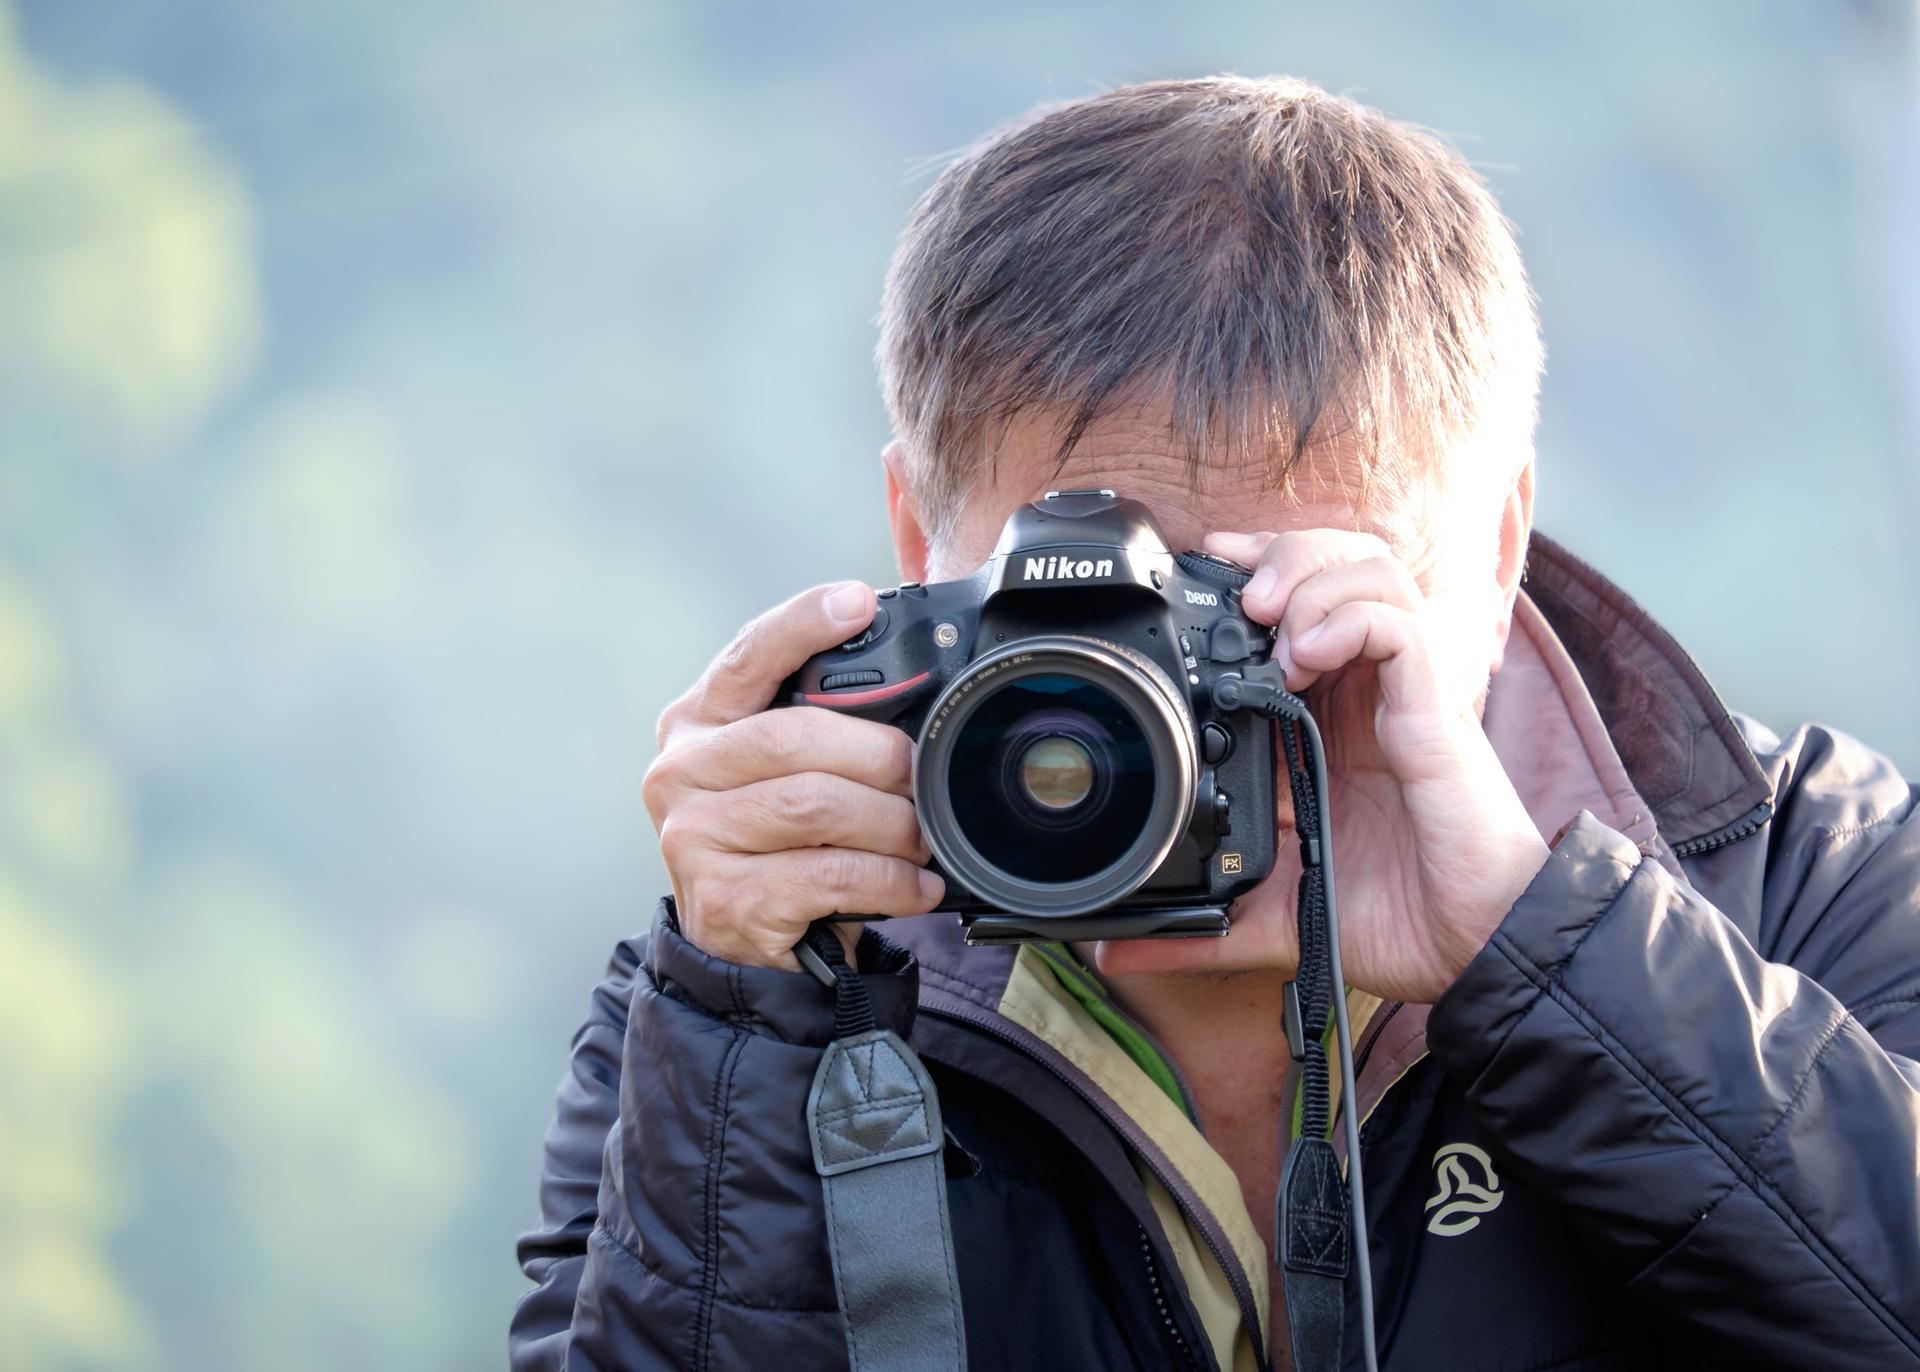 Estude Em Casa Nikon Oferece Curso De Fotografia Online E Gratuito